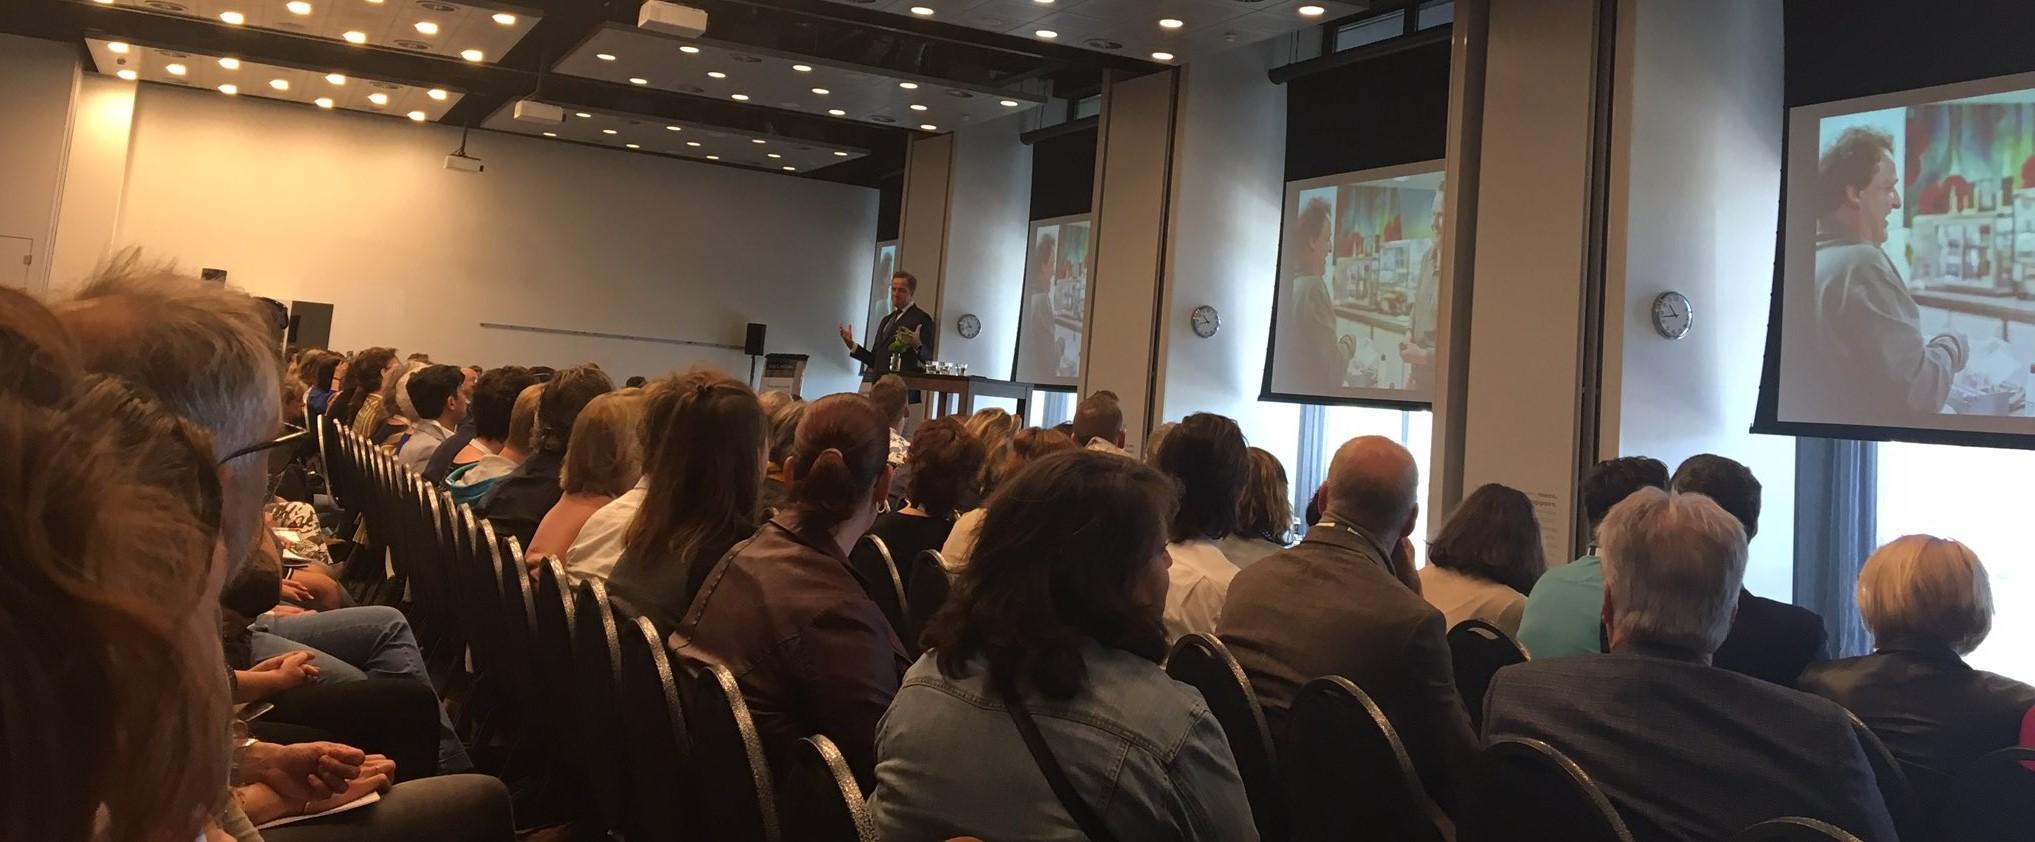 Presentatie Hugo de Jonge tijdens het congres Samen Sterk voor Volwaardig leven